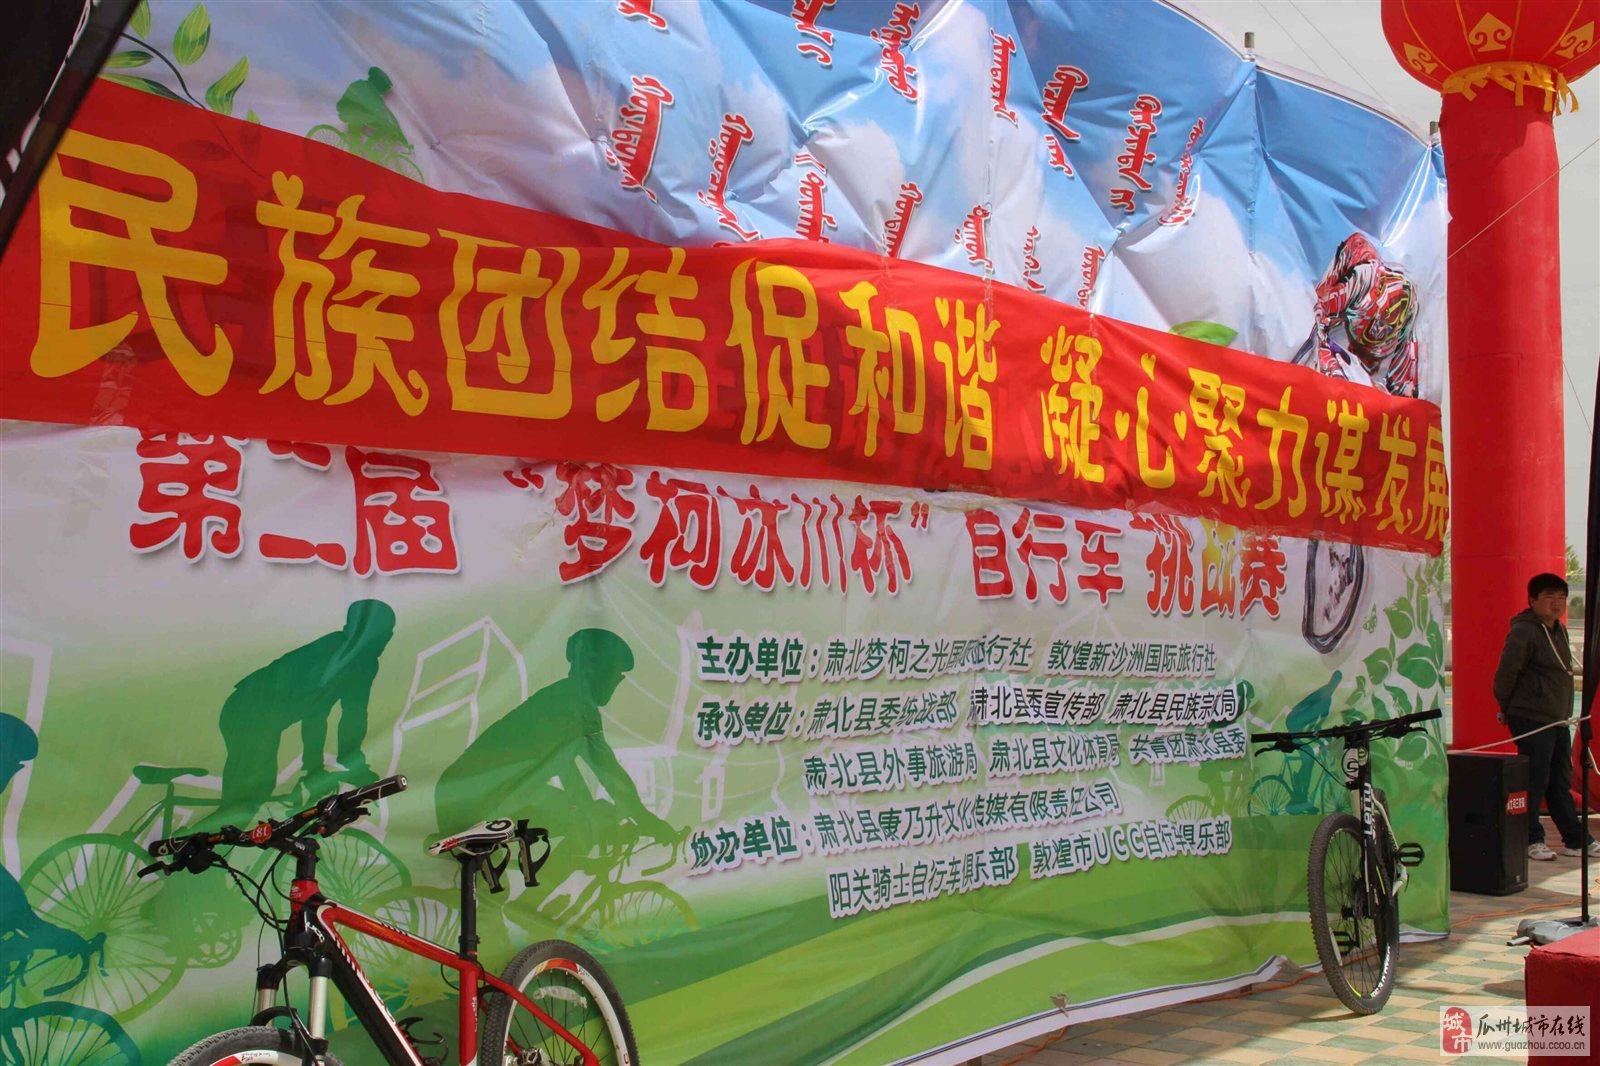 我县自行车运动员代表瓜州出战第二届梦轲冰川杯自行车挑战赛